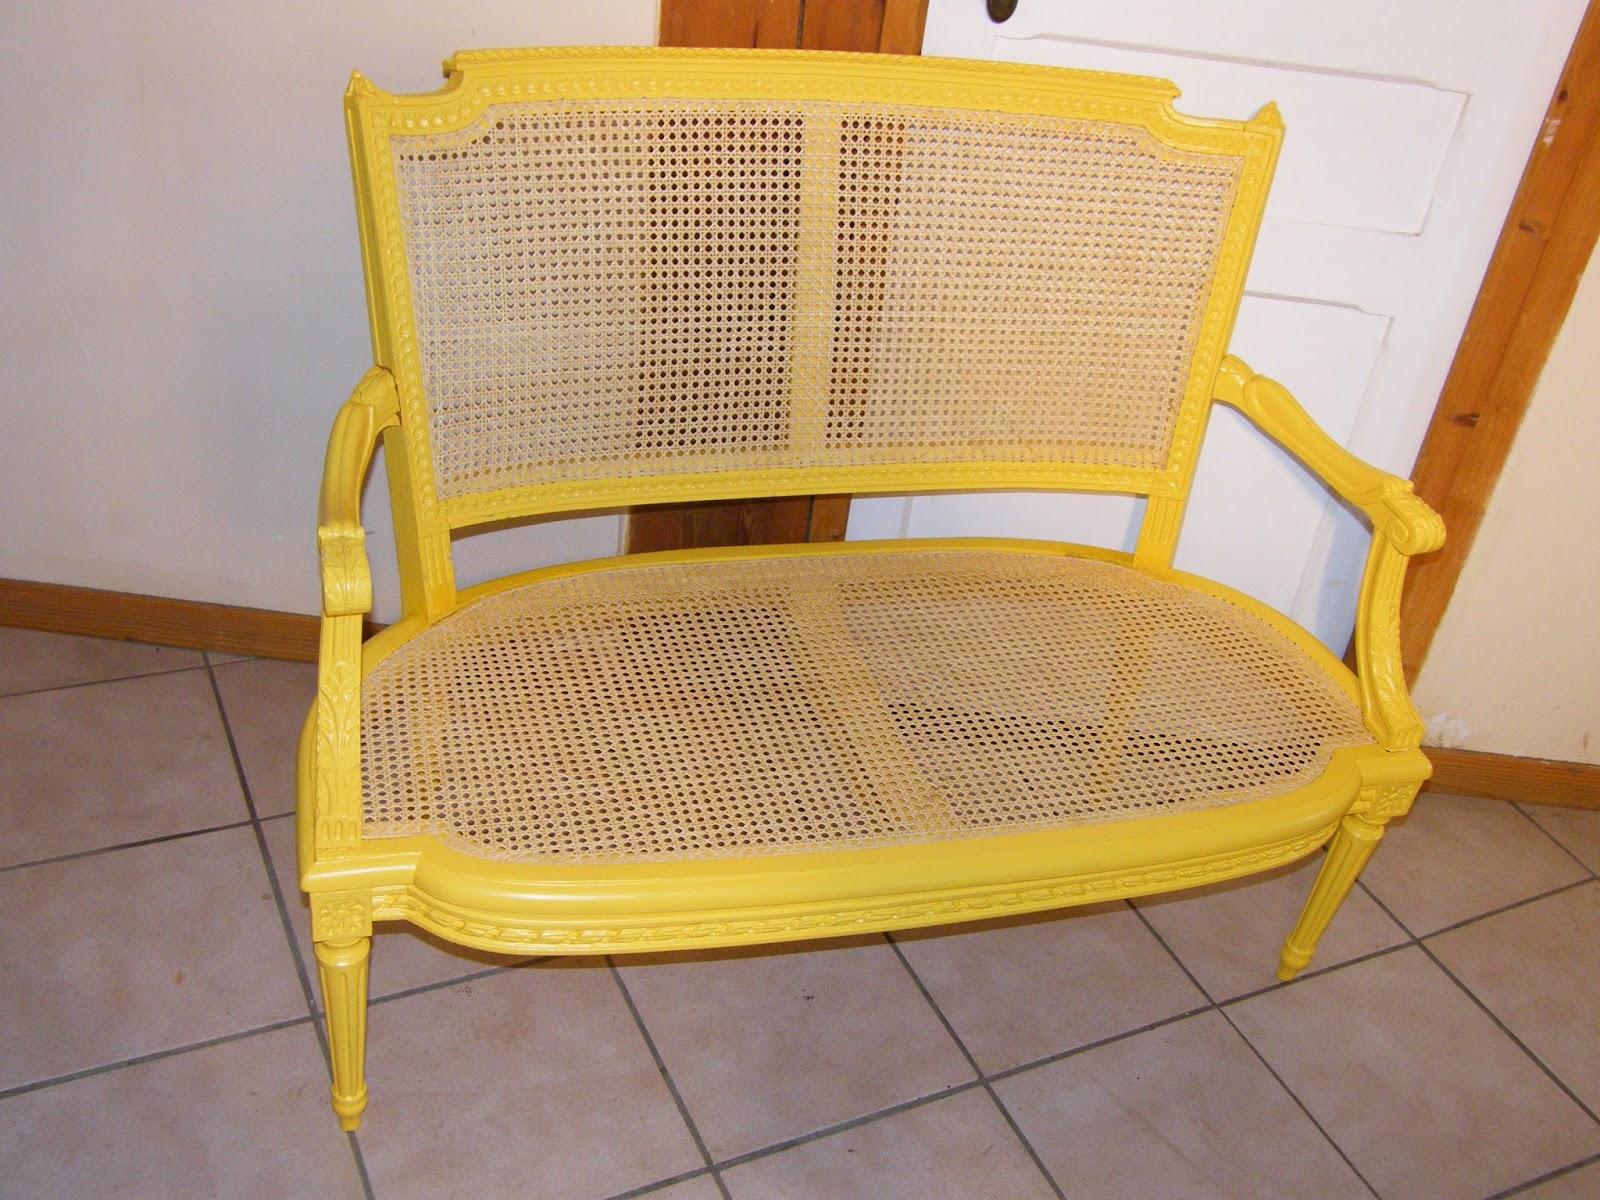 normandie cannage banquette louis xvi peinte en jaune proven al cann e. Black Bedroom Furniture Sets. Home Design Ideas